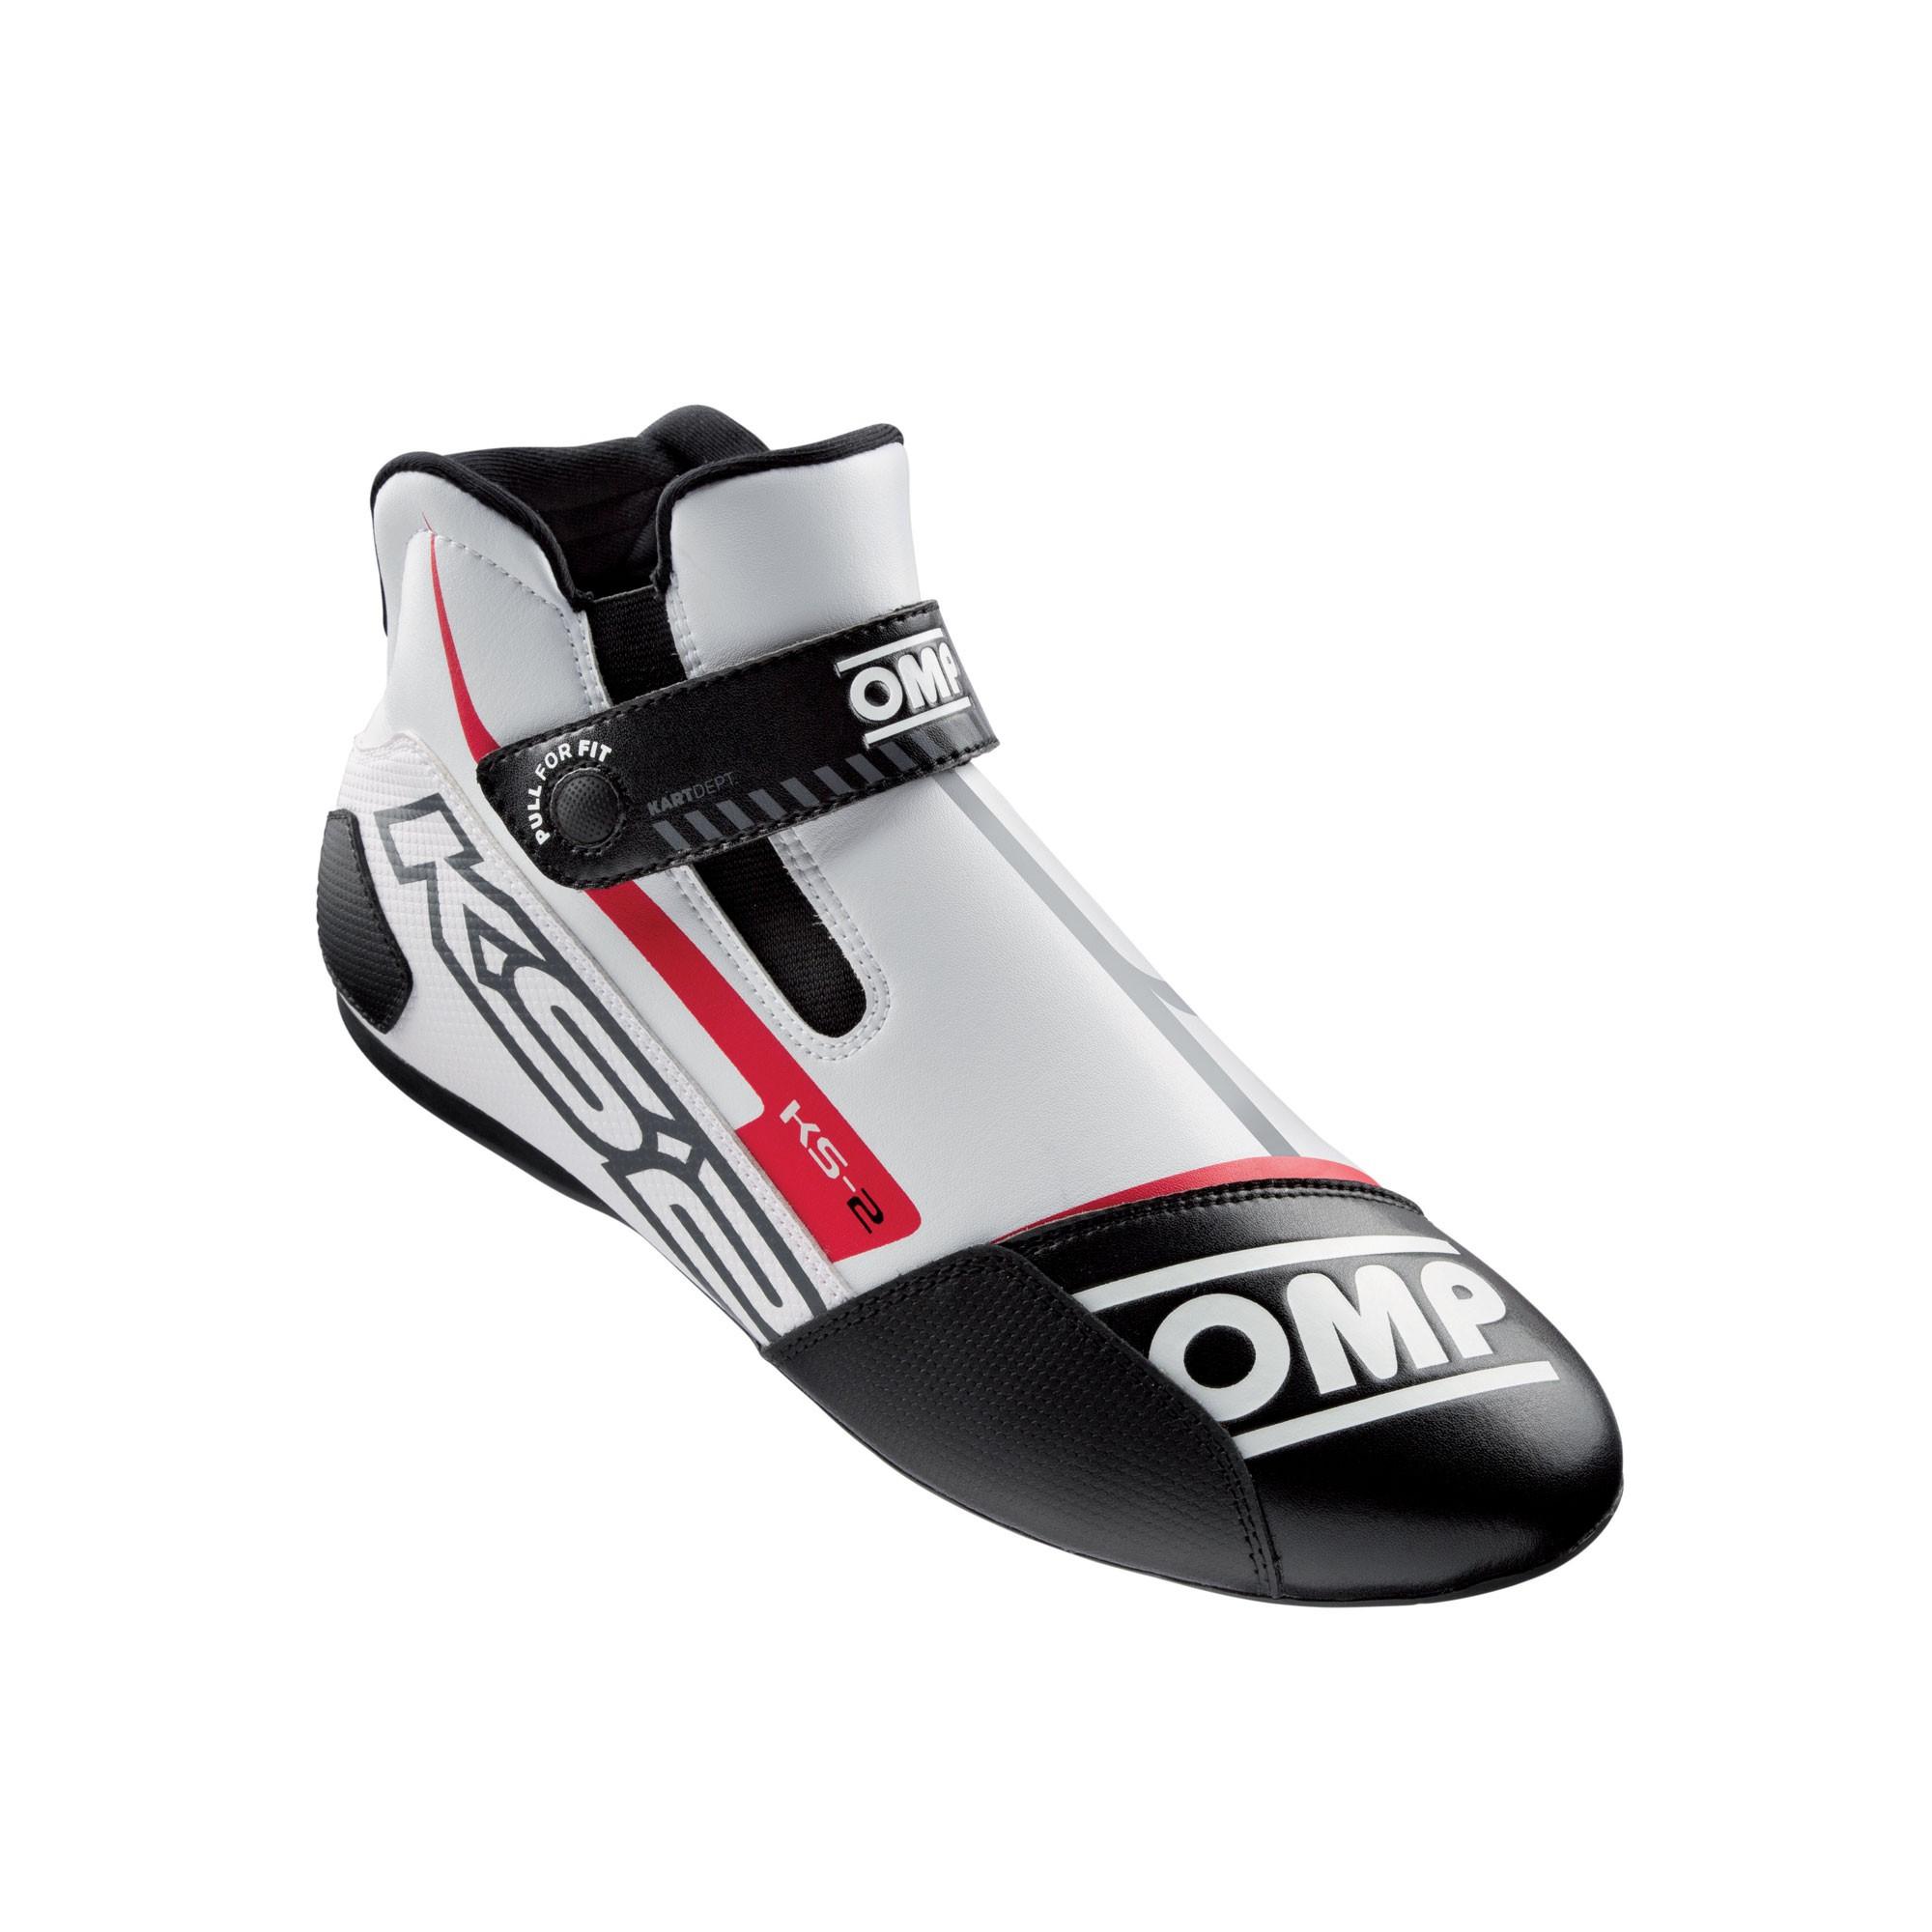 Sapatilha Kart KS-2 shoes my2021 OMP